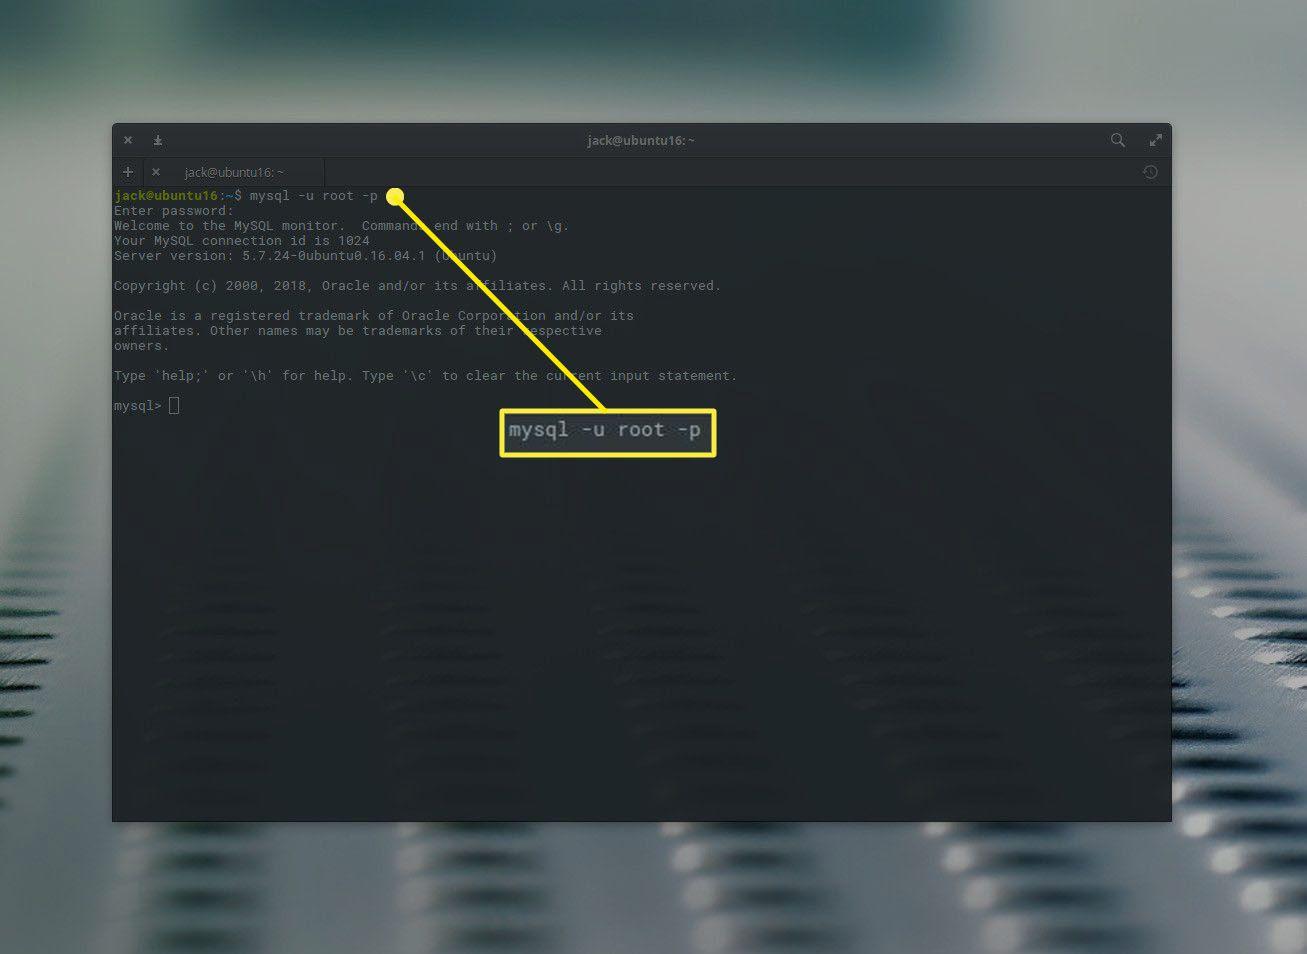 MySQL command prompt in Ubuntu